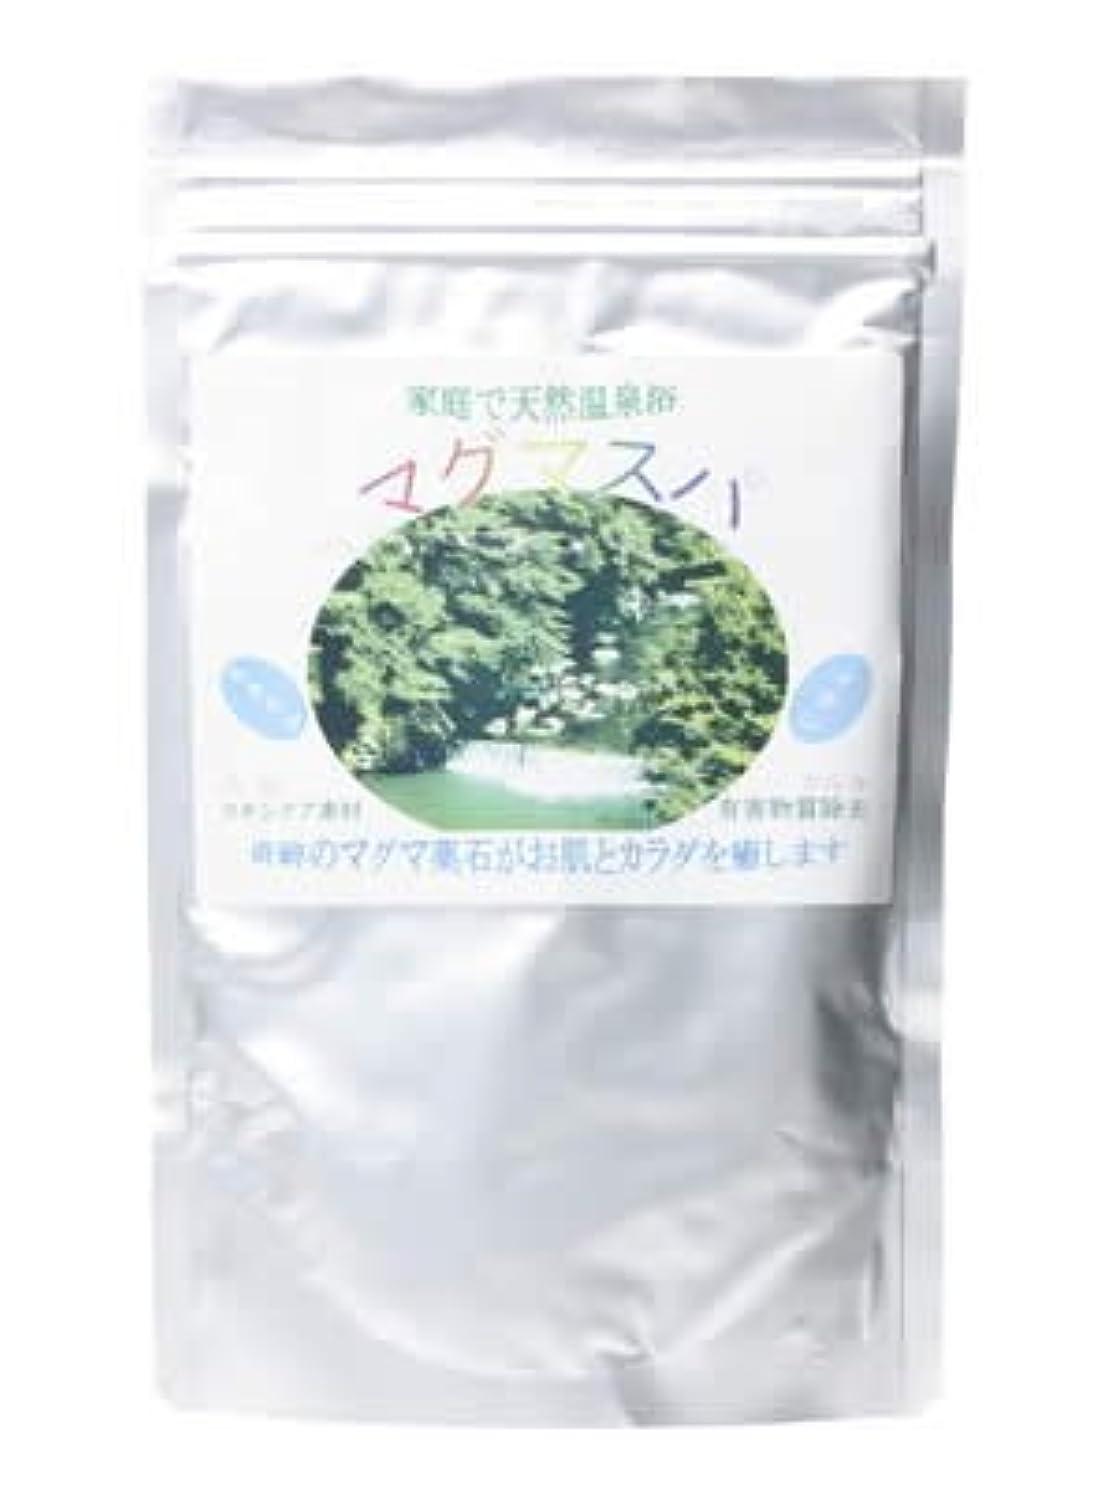 忠実にアウトドア織る天然薬石入浴剤マグマスパ 360g